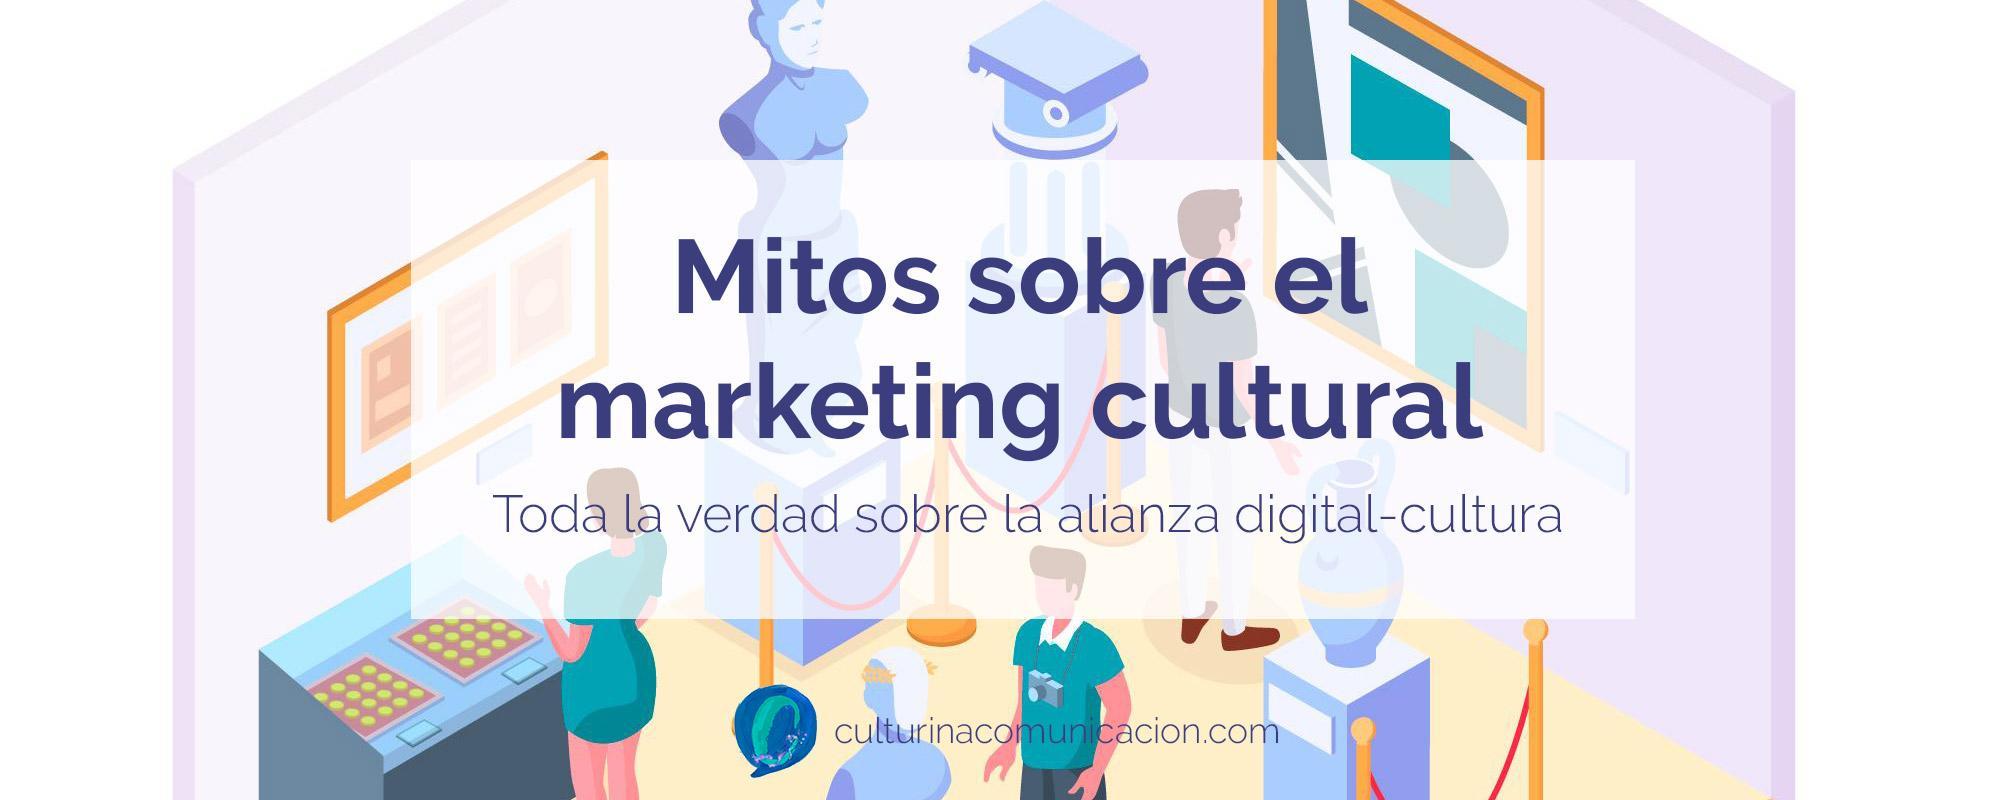 mitos sobre marketing cultural, culturina comunicación